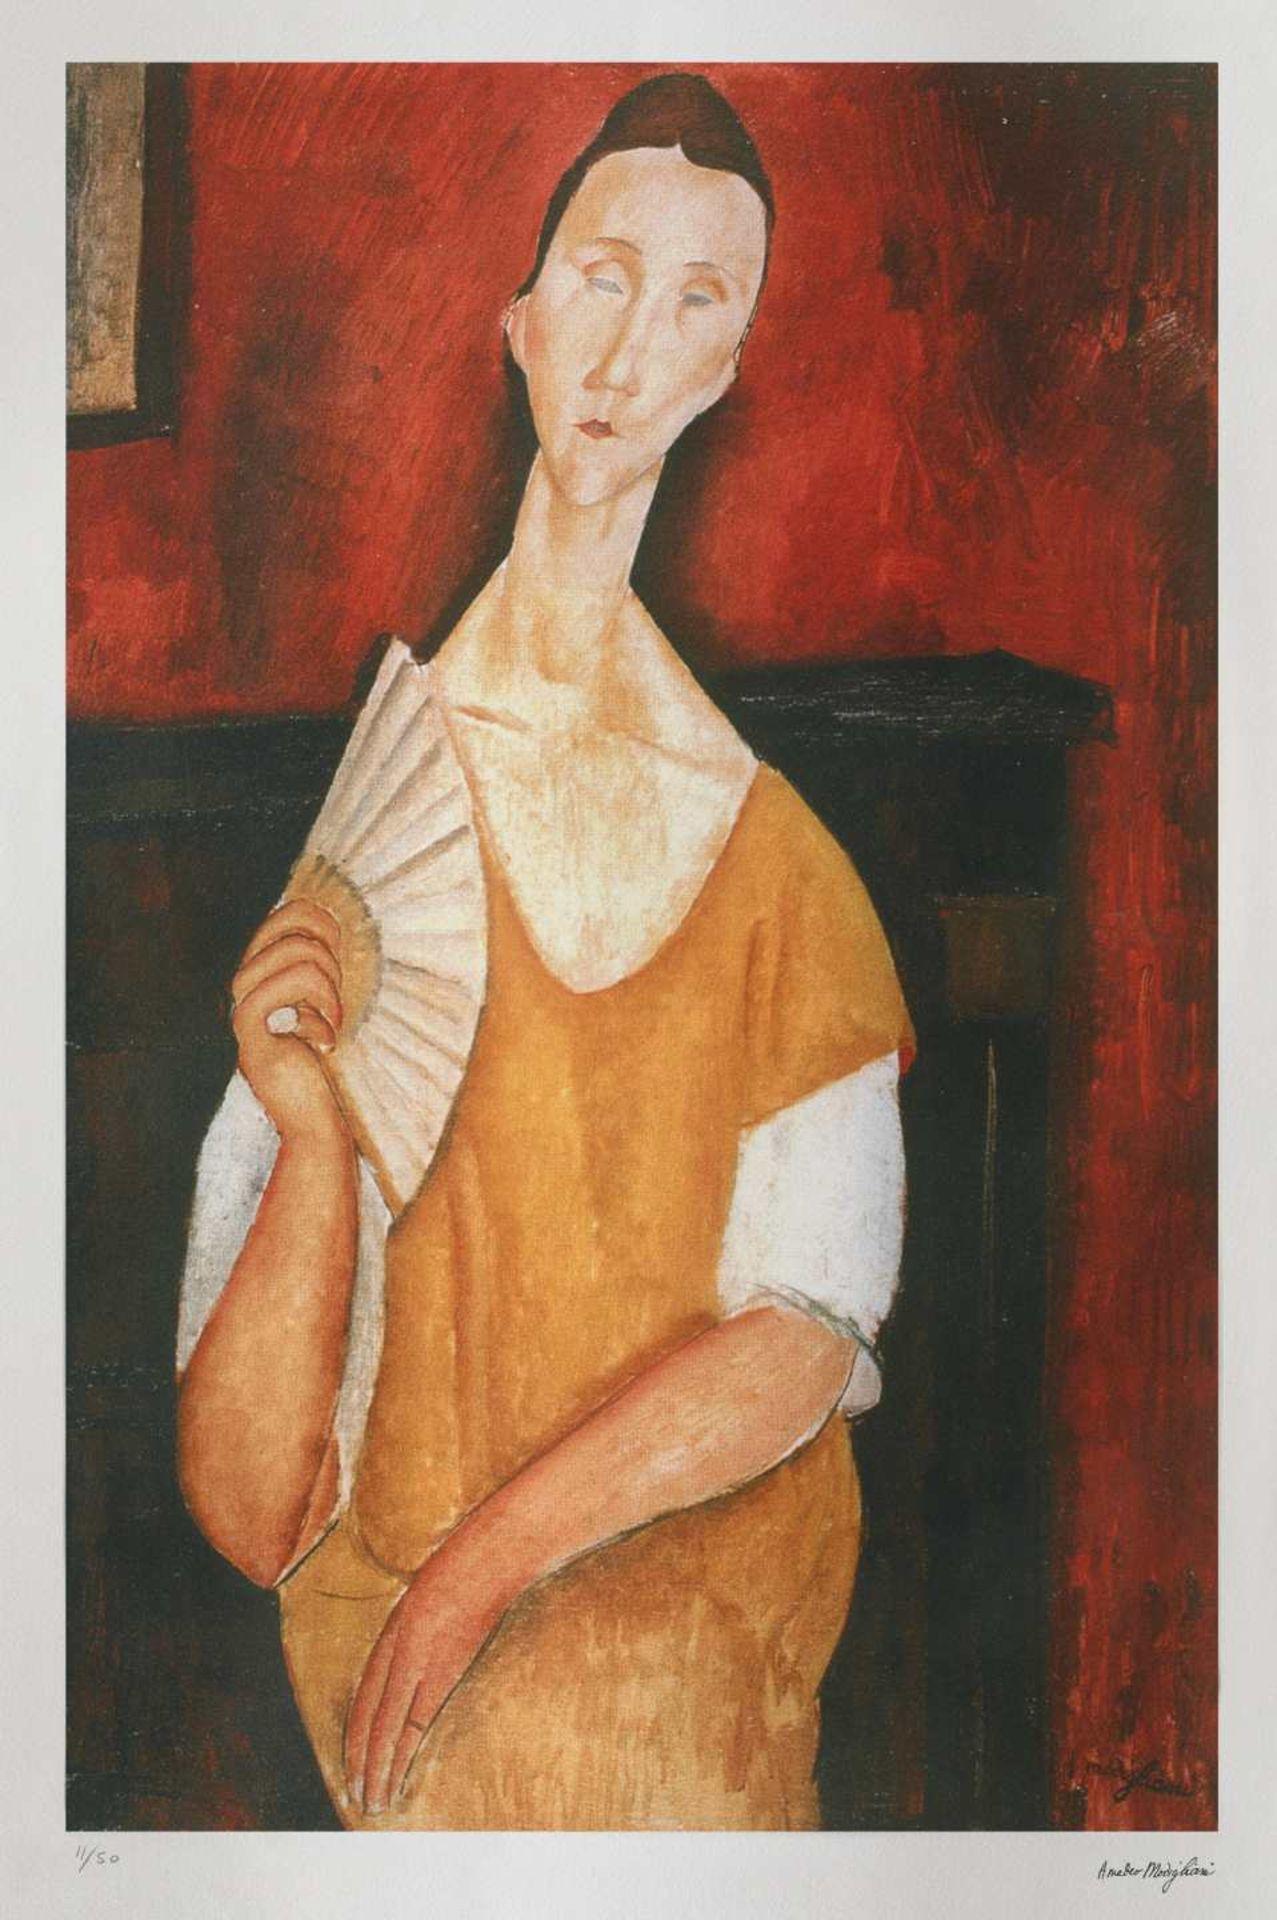 Amedeo Modigliani, Portrait of Lunia Czechowska with a FanAmedeo Modigliani, Portrait of Lunia